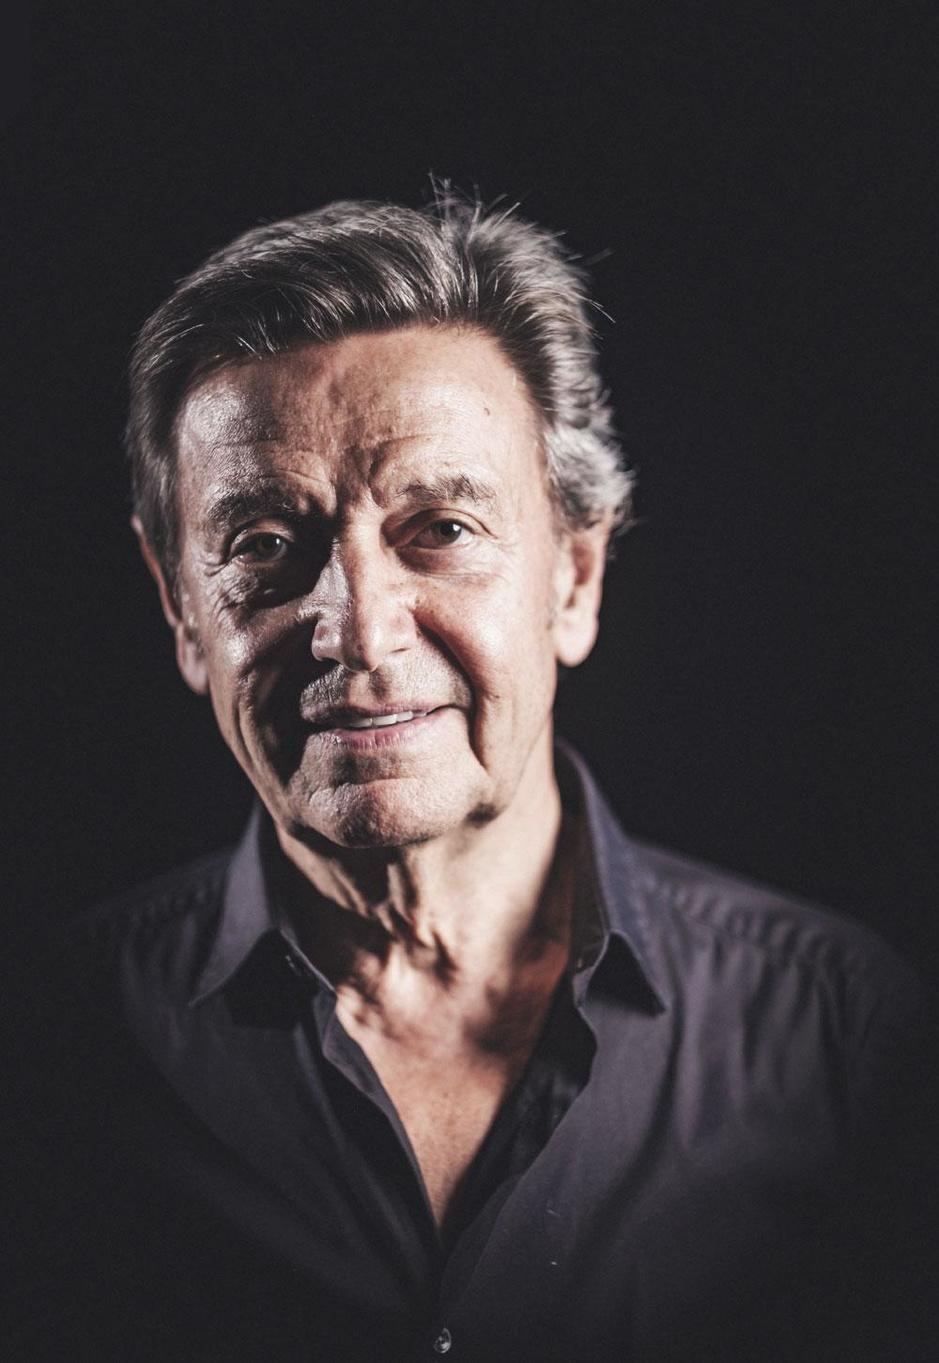 Willy Sommers over de muziekbusiness: 'Er mag wel wat concurrentie bij komen'